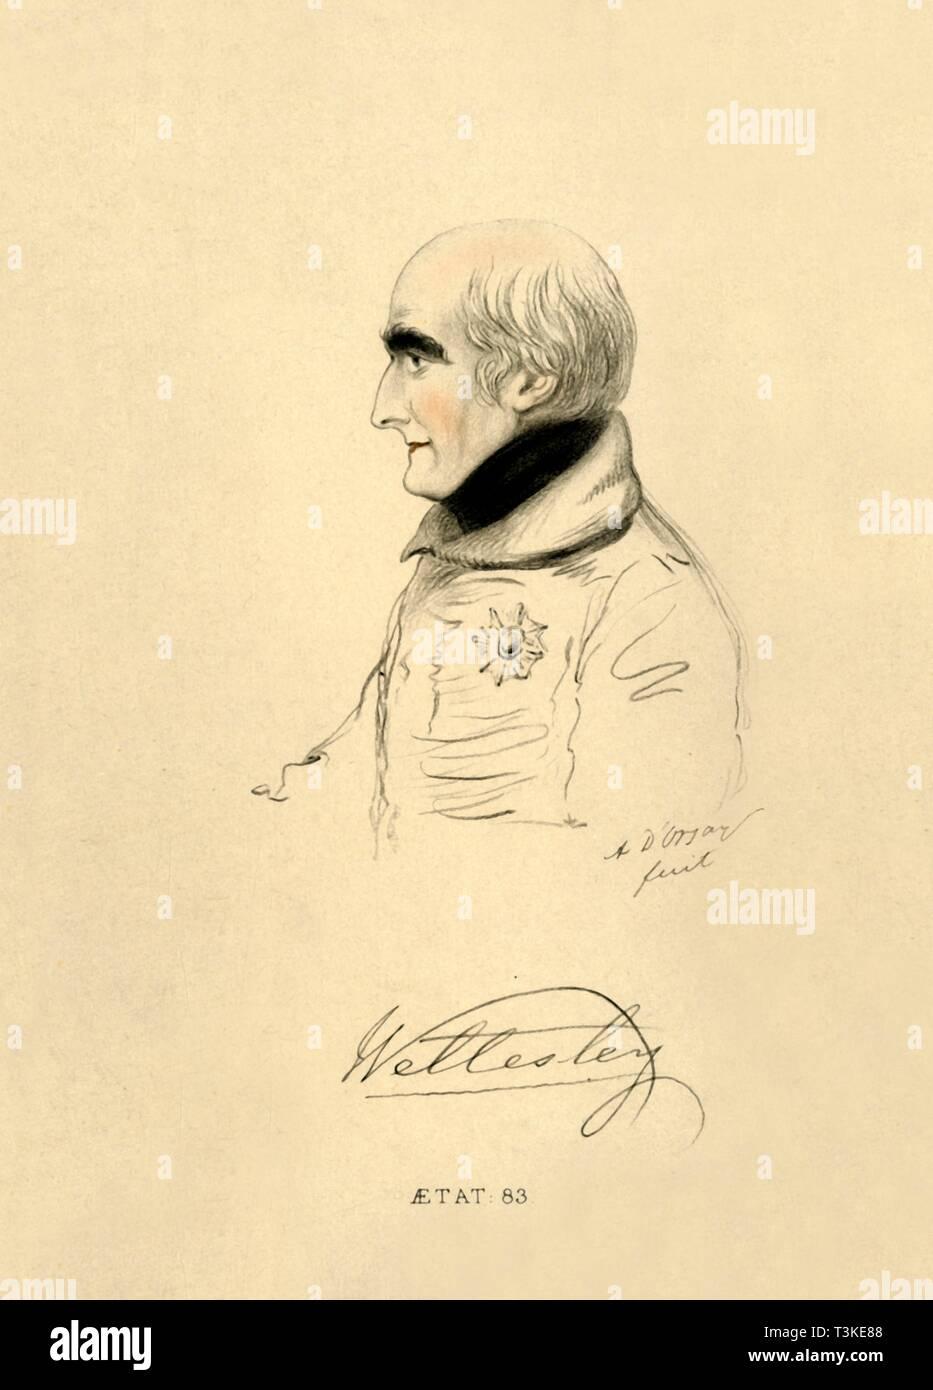 'The Marquis of Wellesley', 1833. Creator: Richard James Lane. - Stock Image